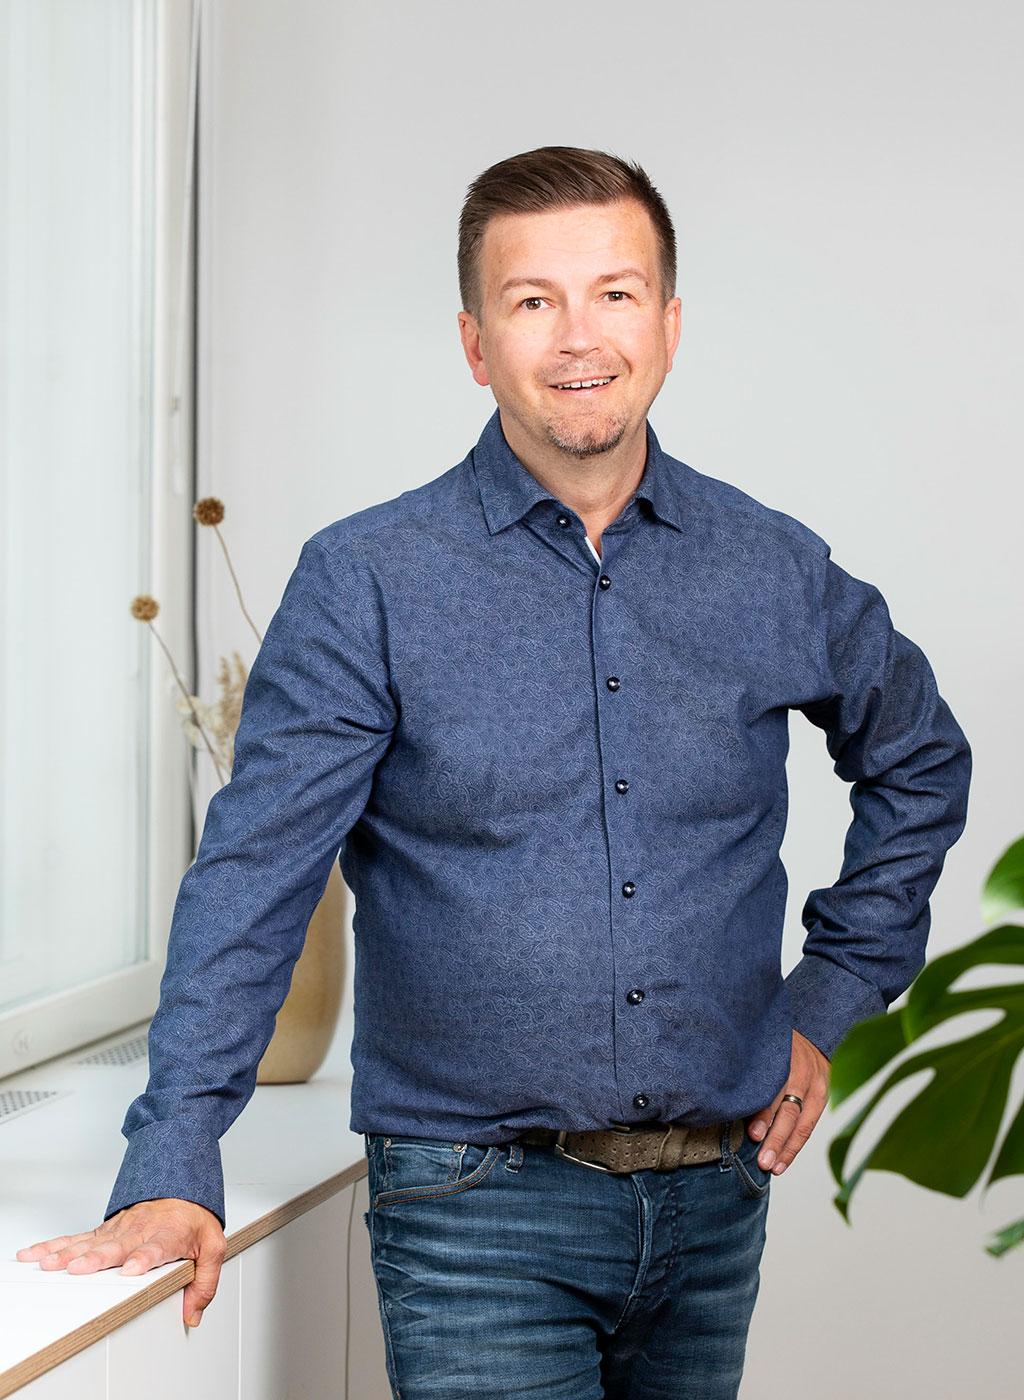 Kiinteistönvälittäjä Elizaveta Lukkarila